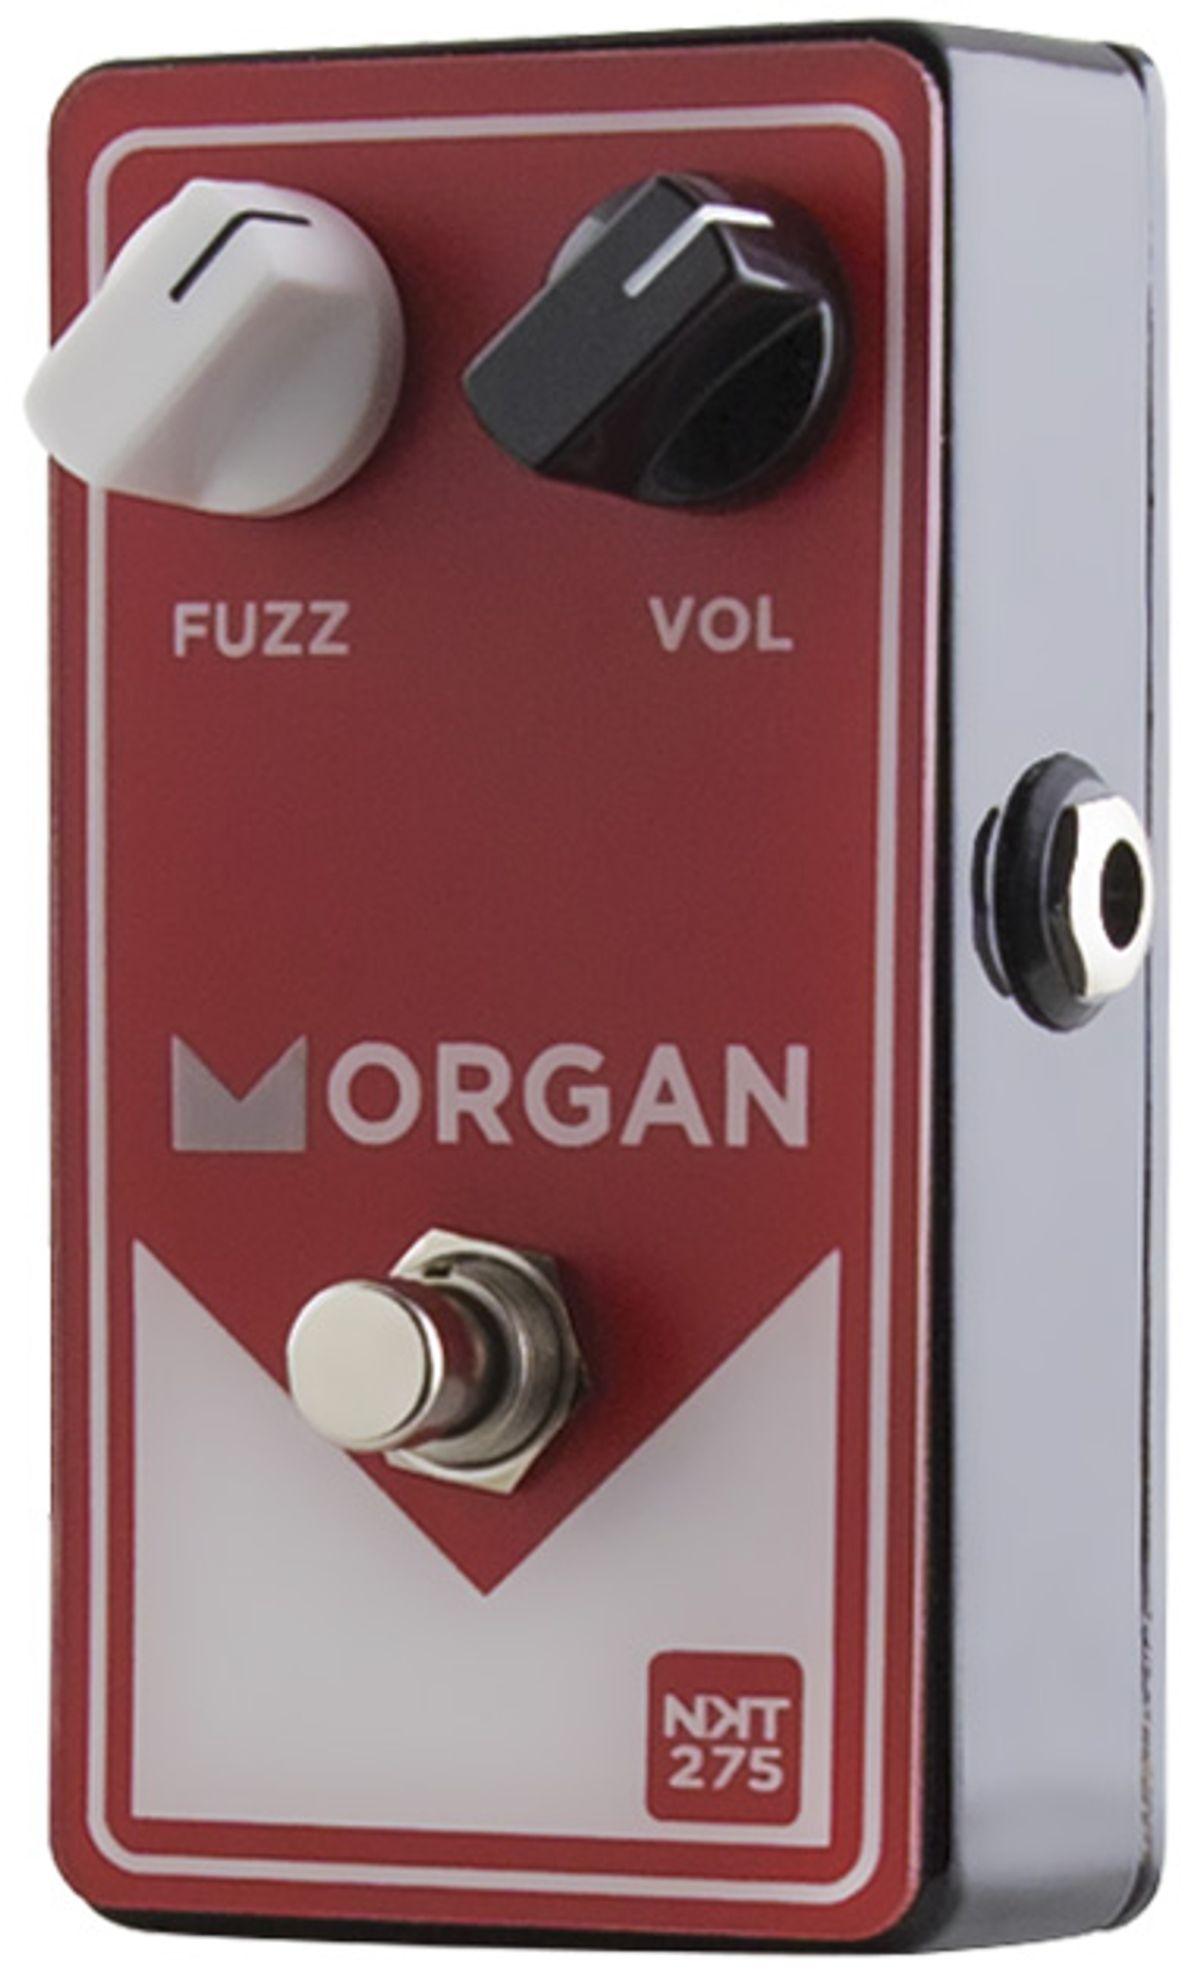 Morgan Pedals NKT275 Fuzz Review